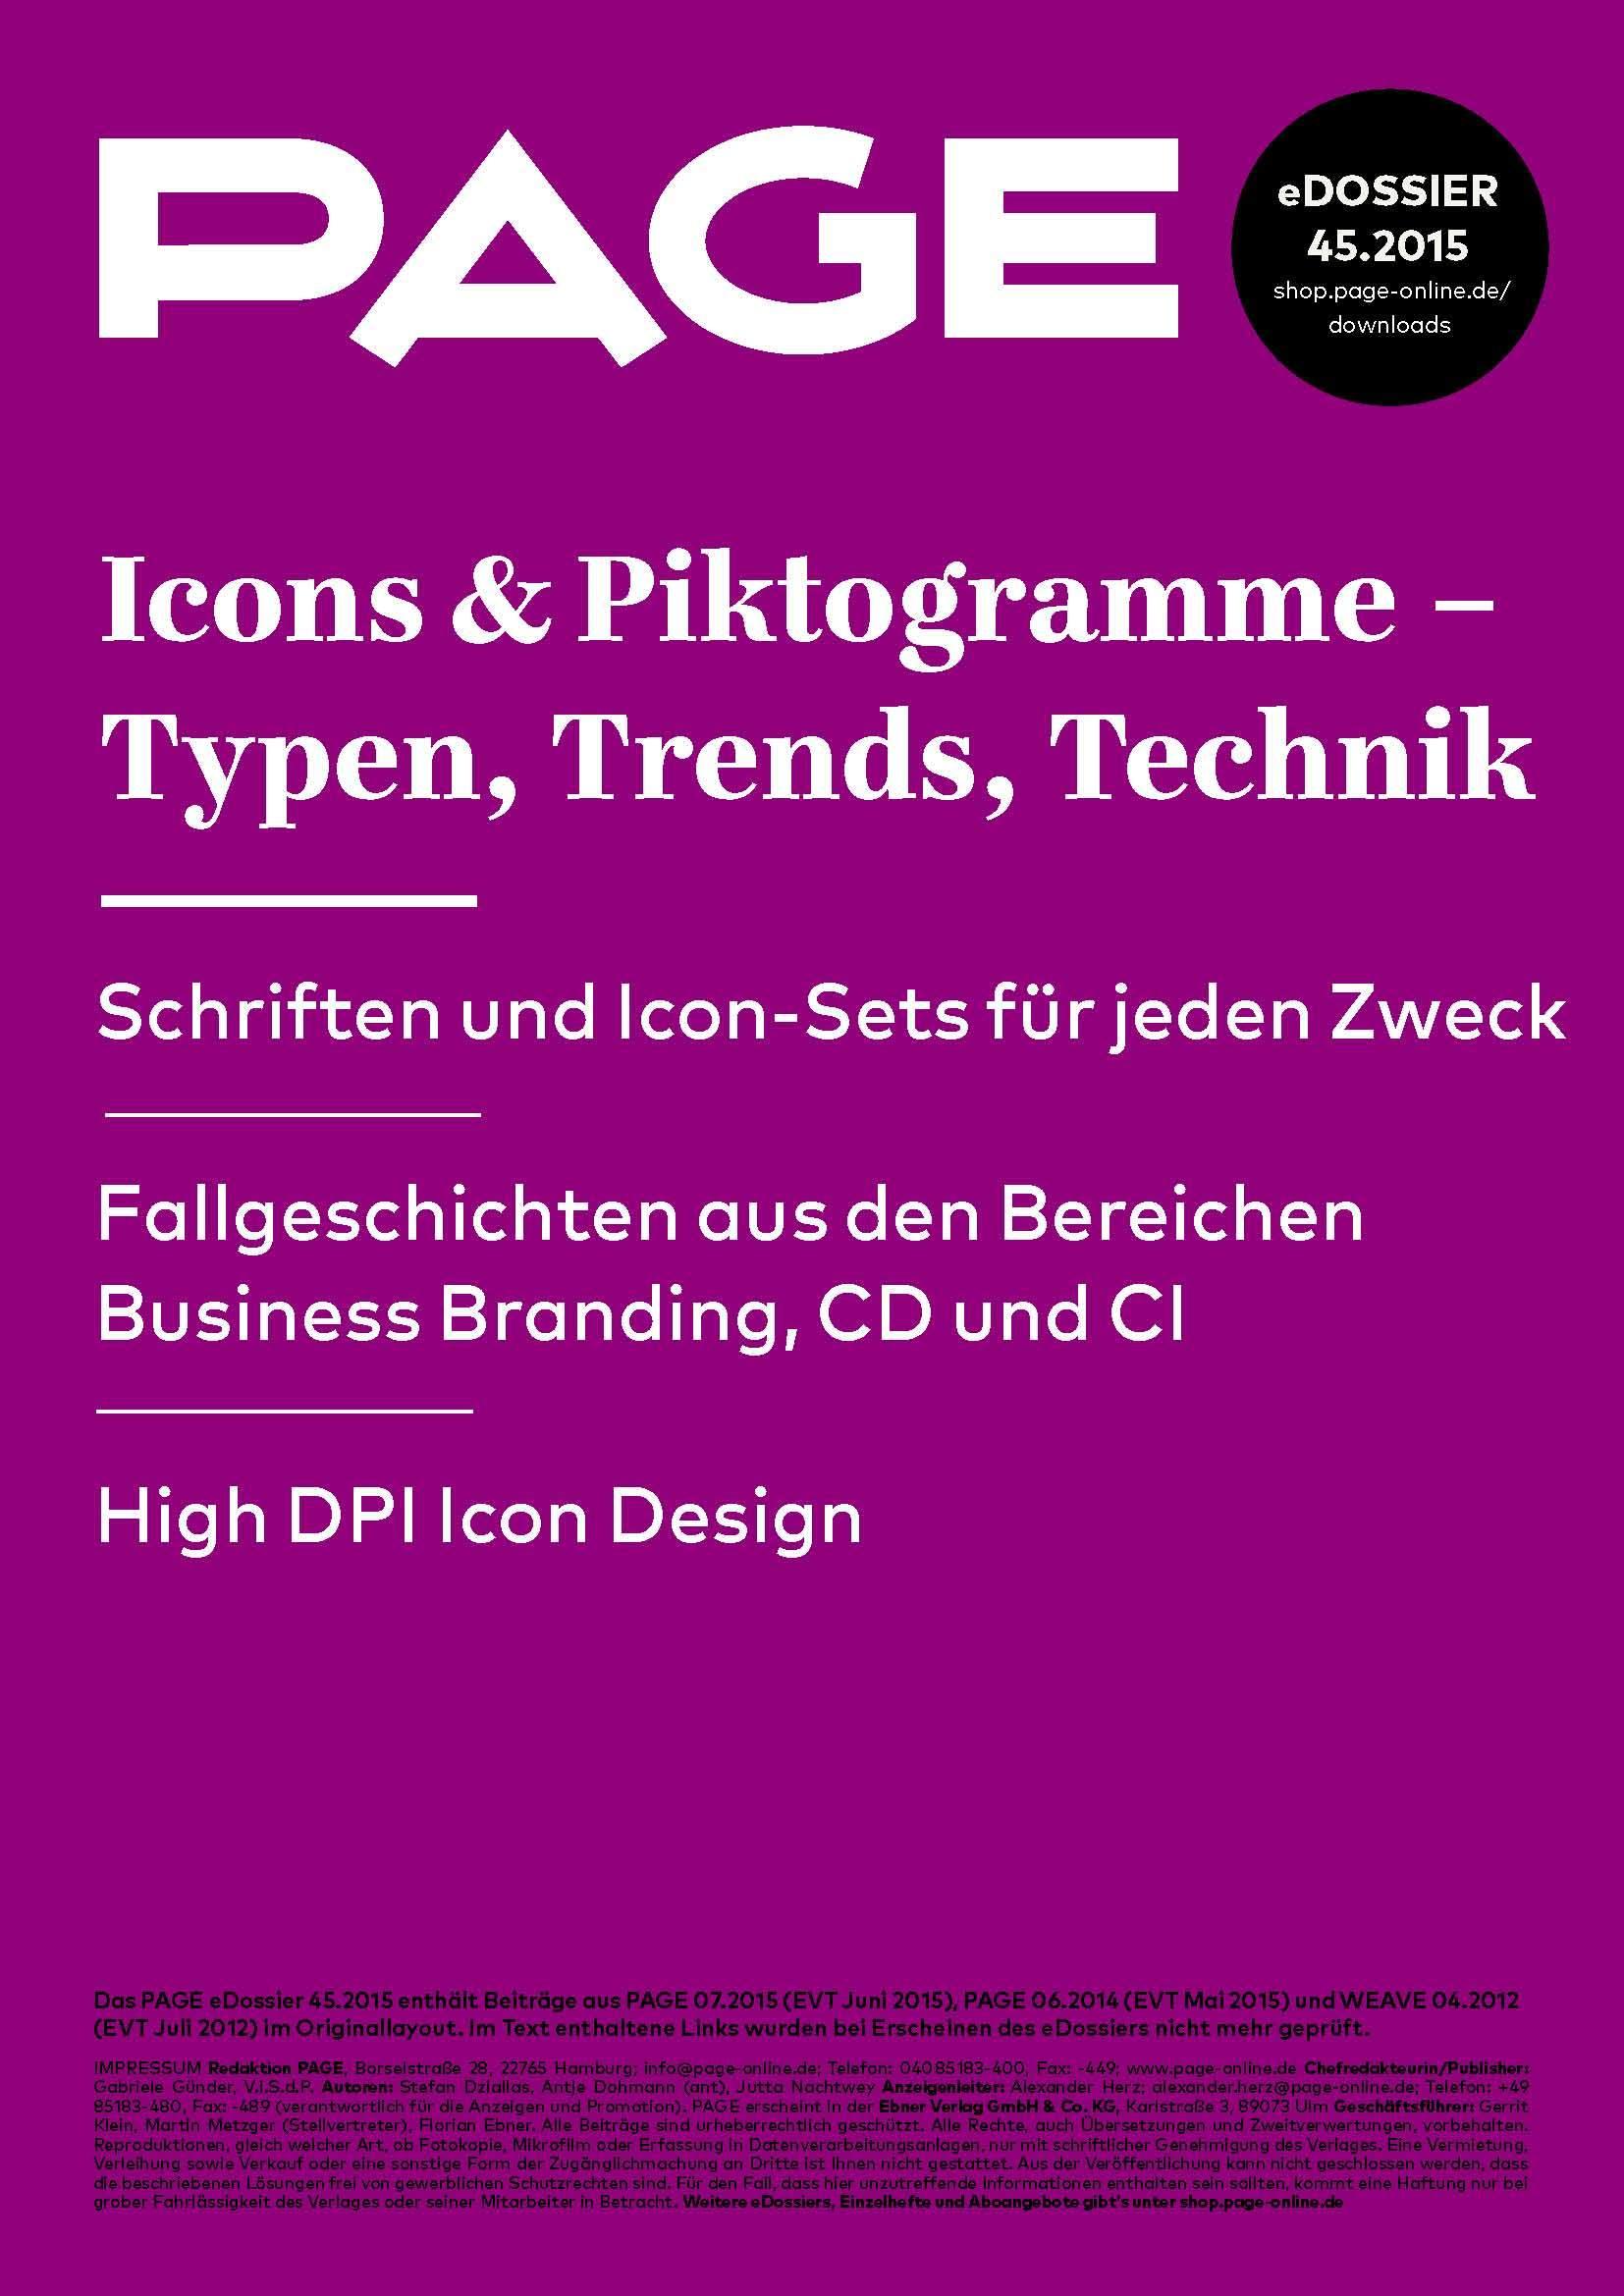 eDossier 452015 Icons und Piktogramme_teaser